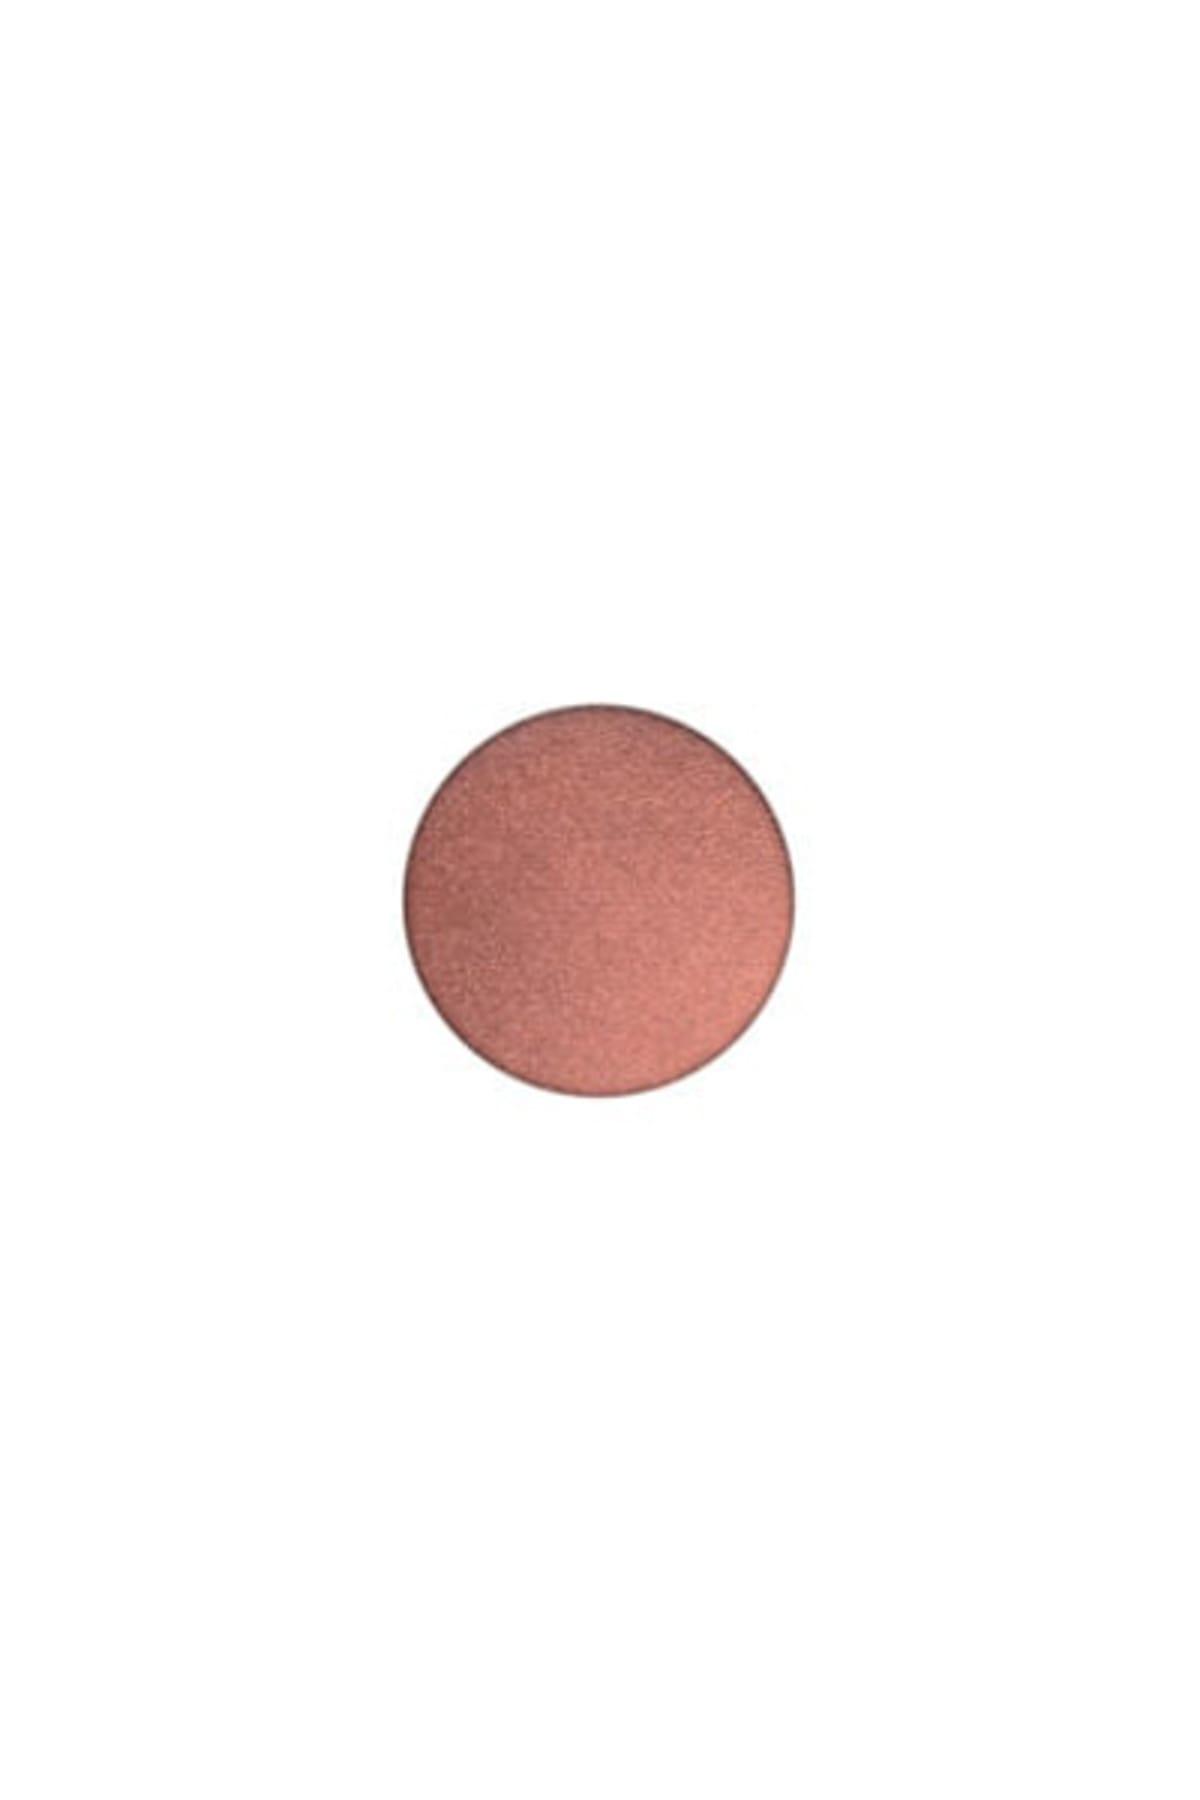 Göz Farı - Refill Far Antiqued 1.3 g 773602077762